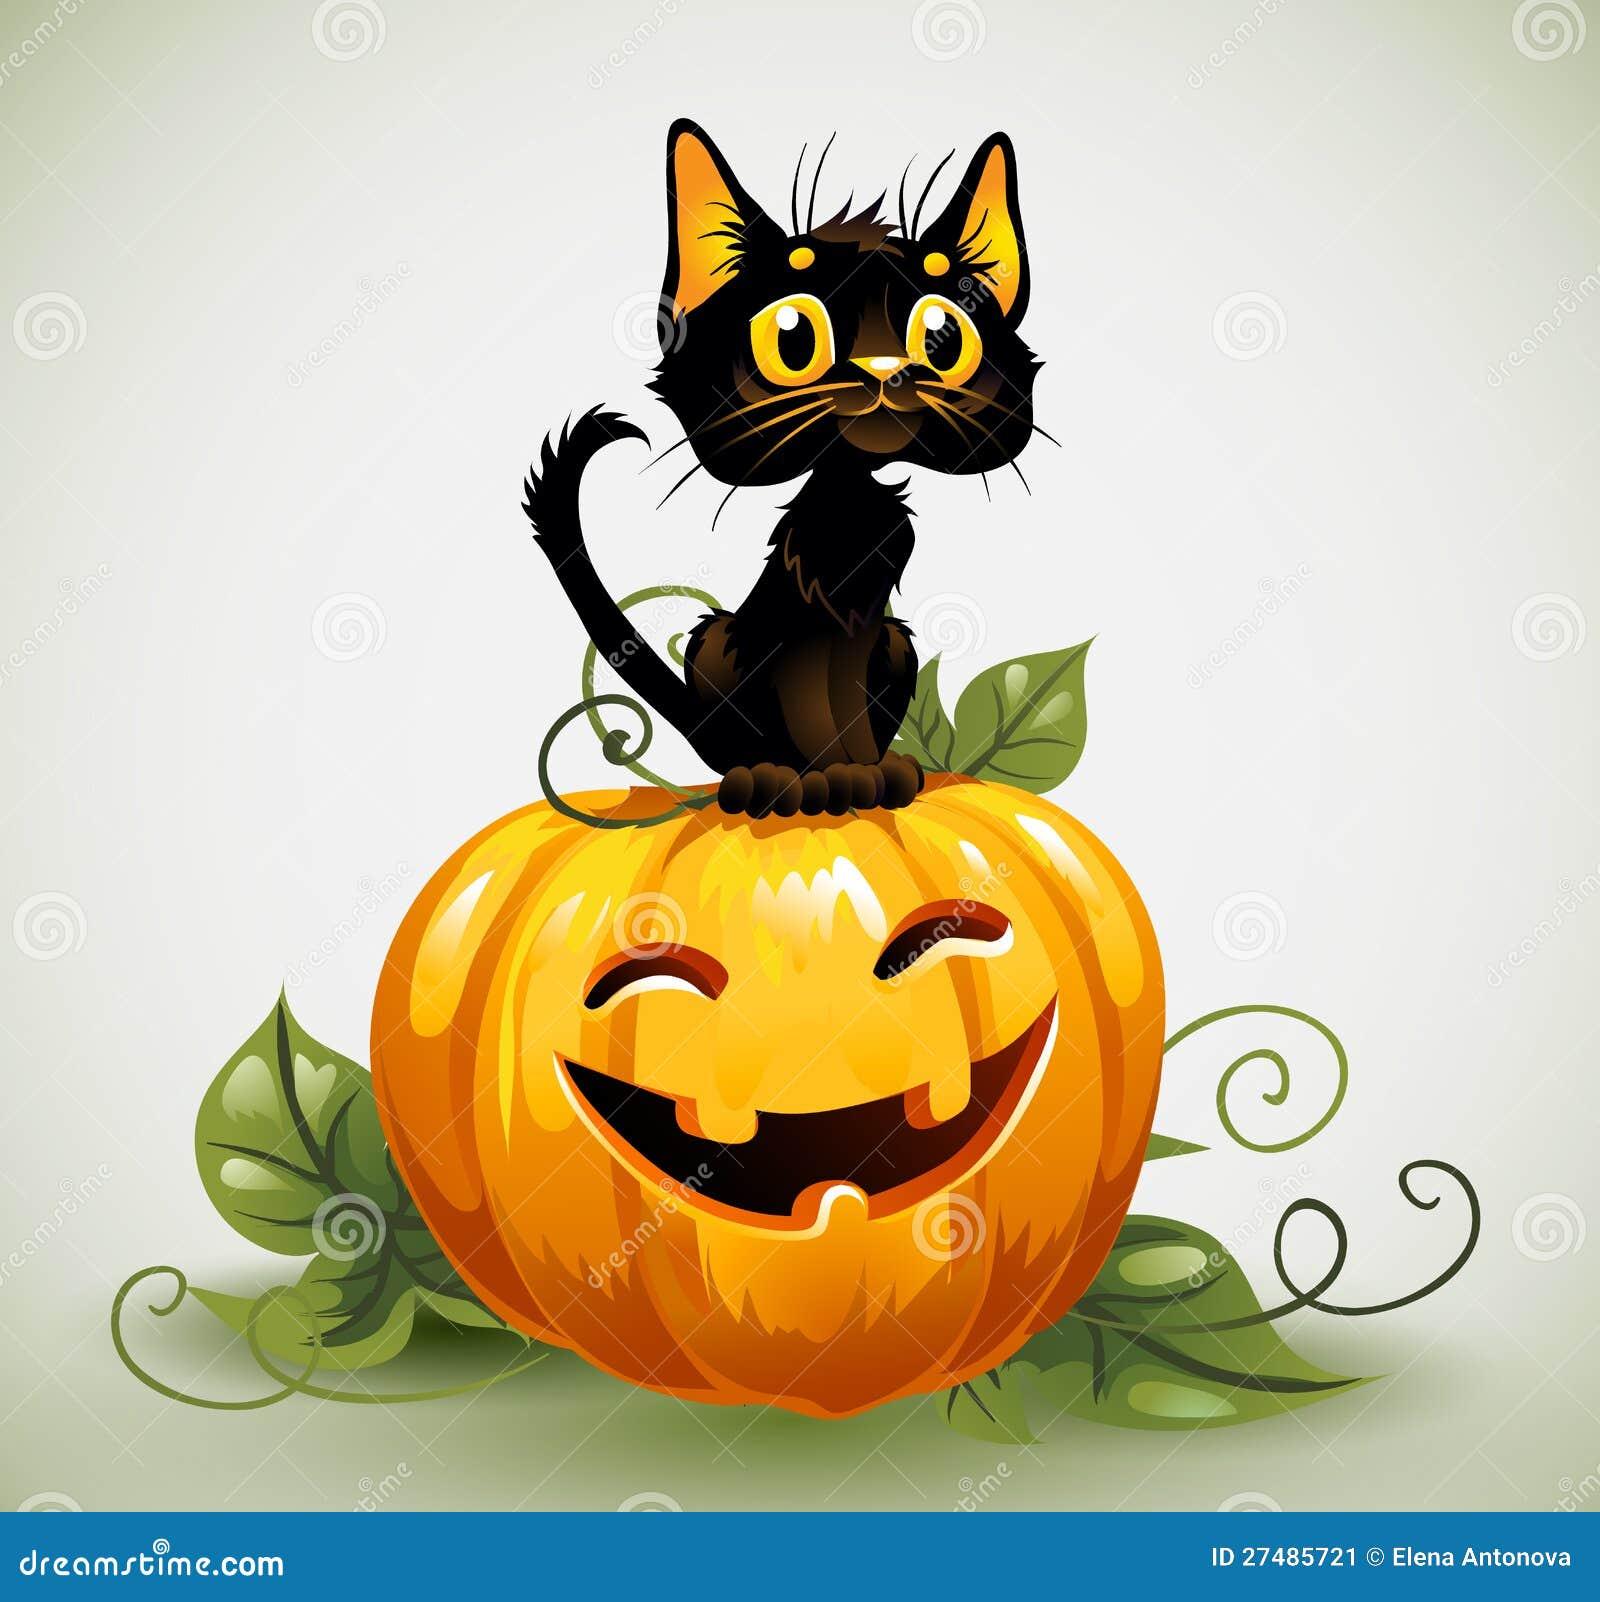 A Cute Black Cat On A Halloween Pumpkin. Stock Vector ...